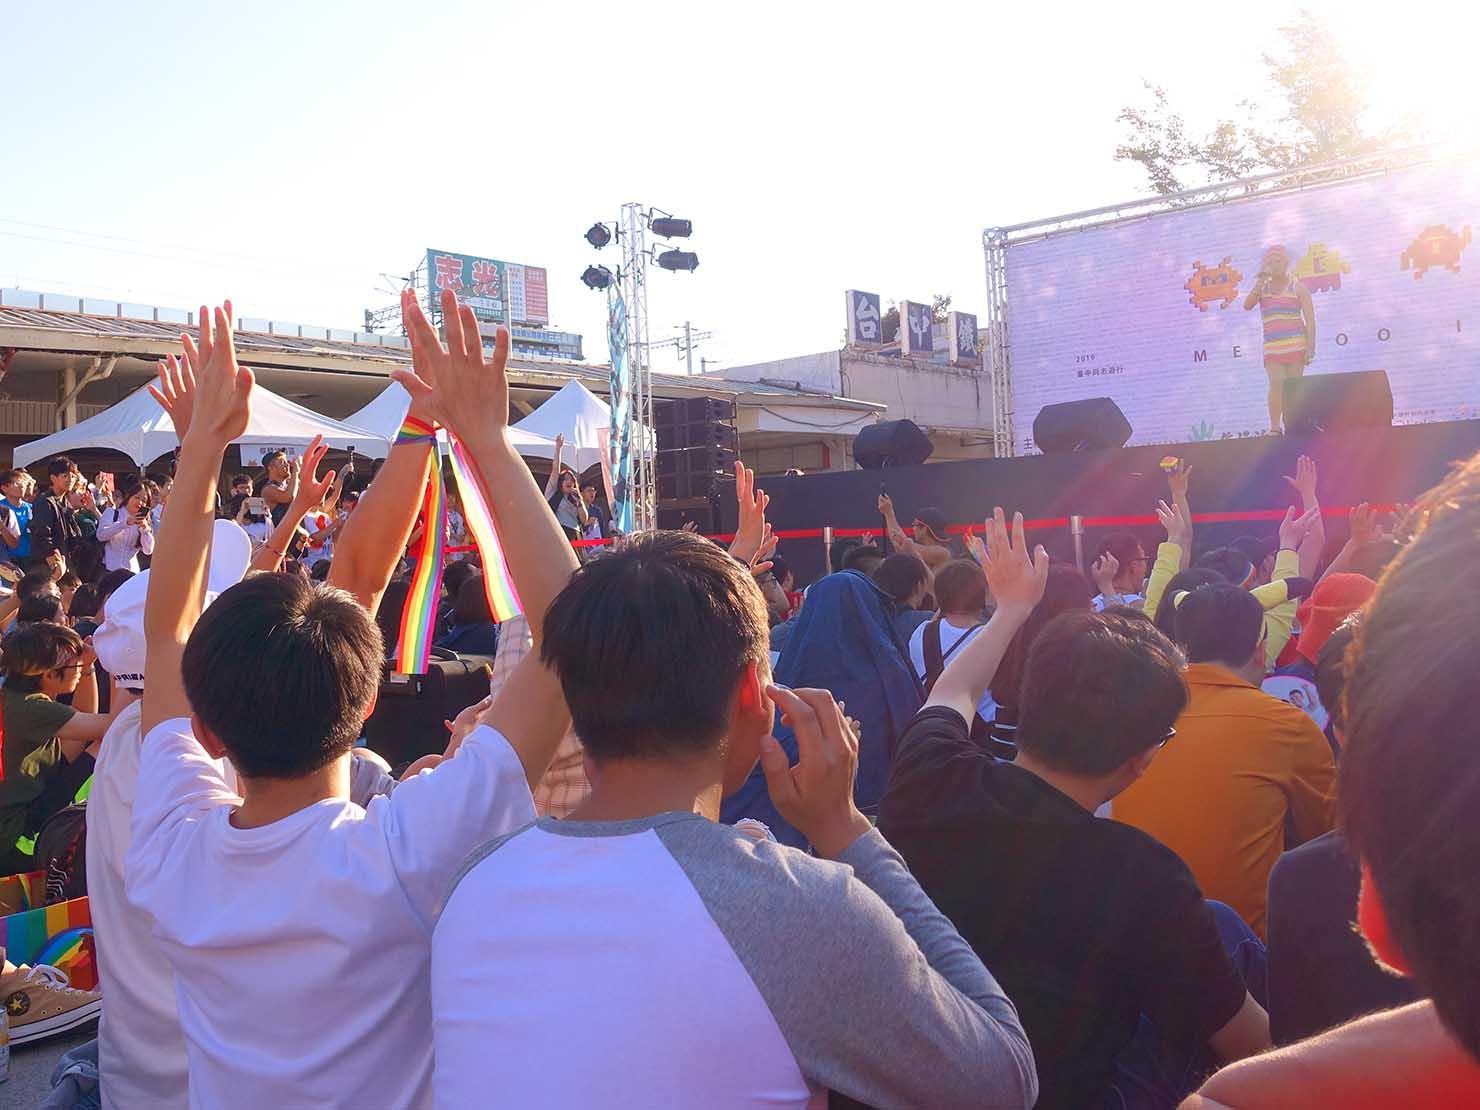 台中同志遊行(台中LGBTプライド)2019パレード後のステージ